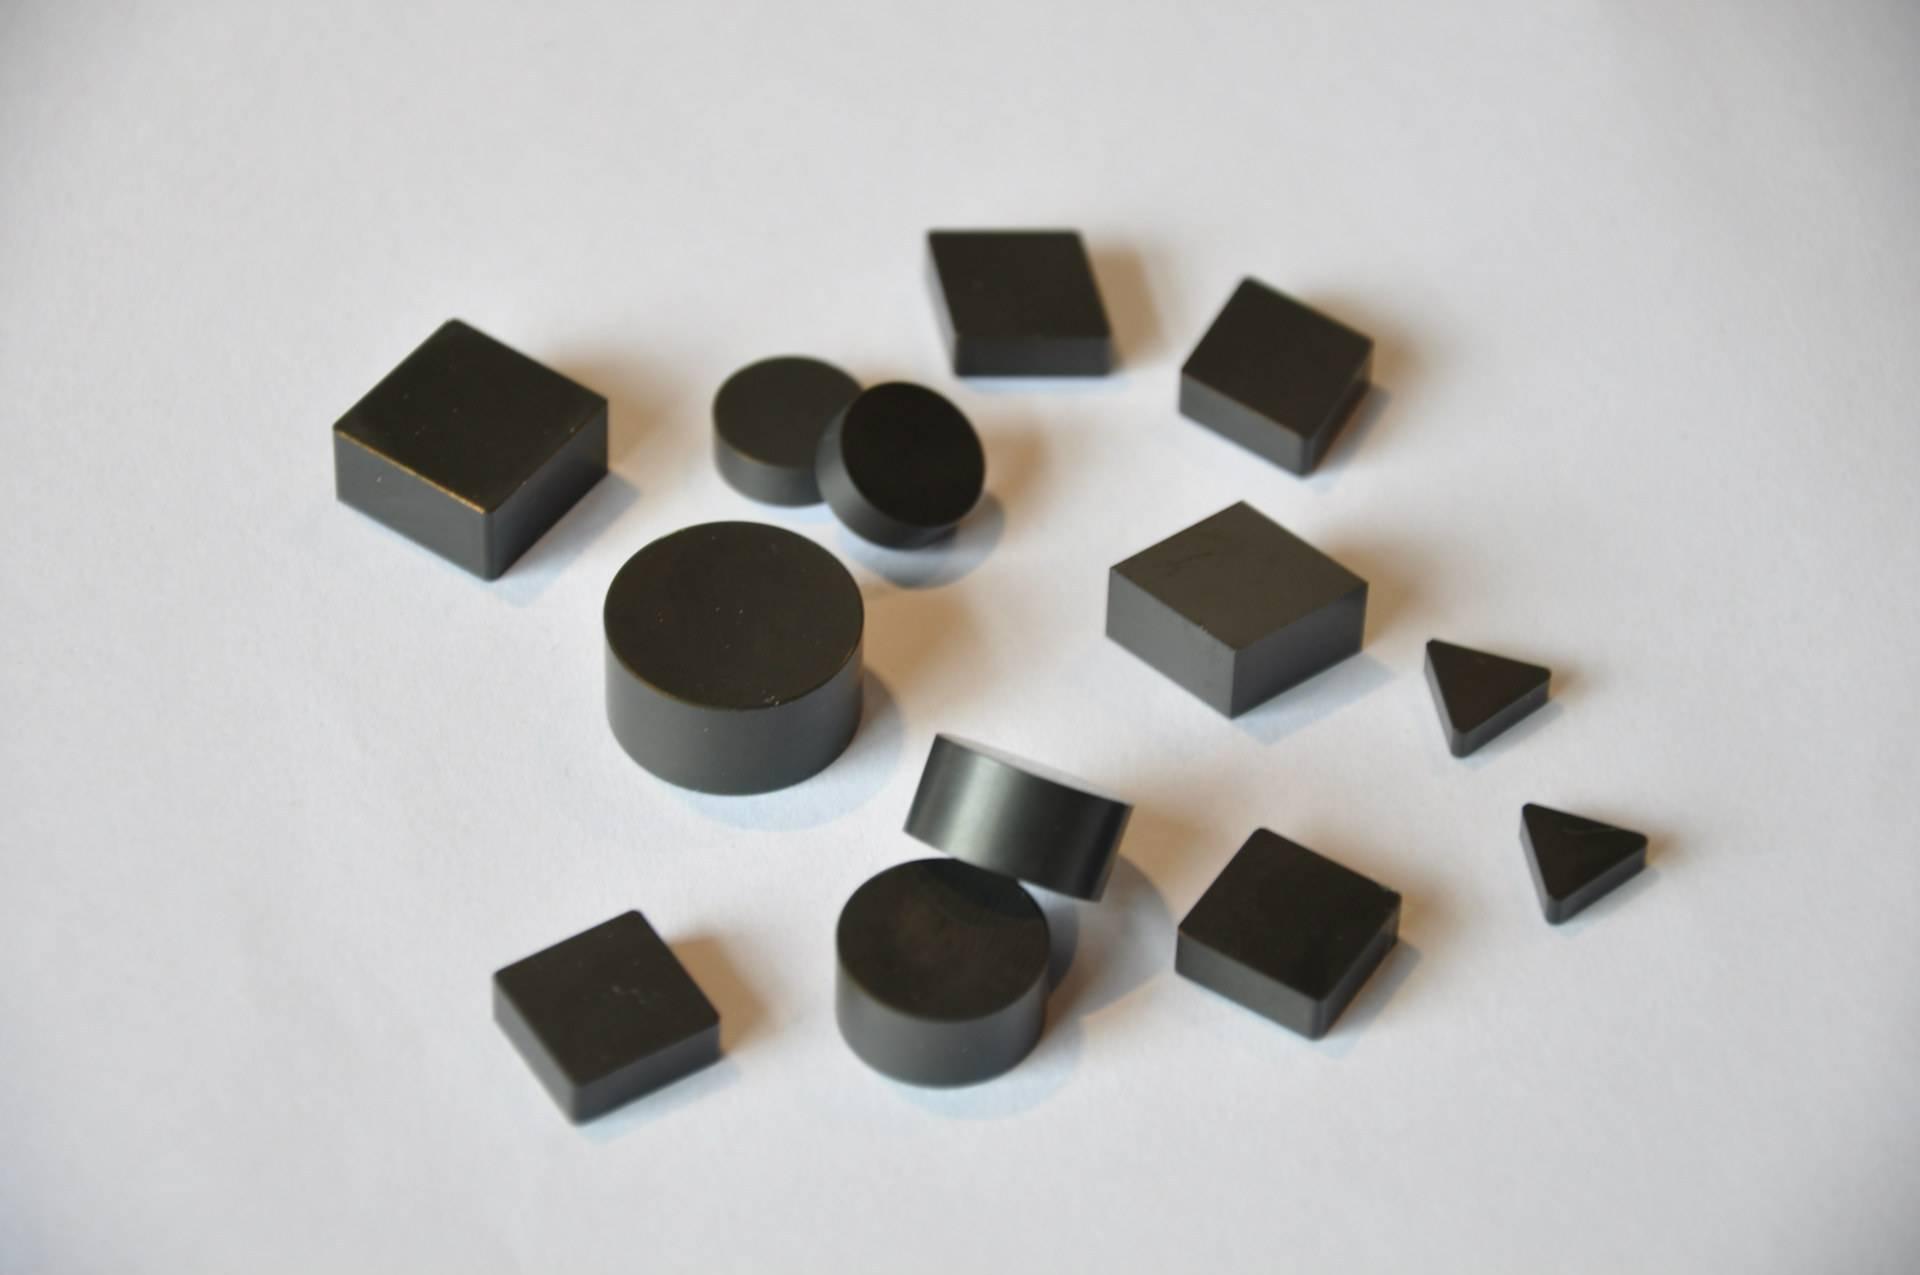 聚晶立方氮化硼PCBN刀具的特点